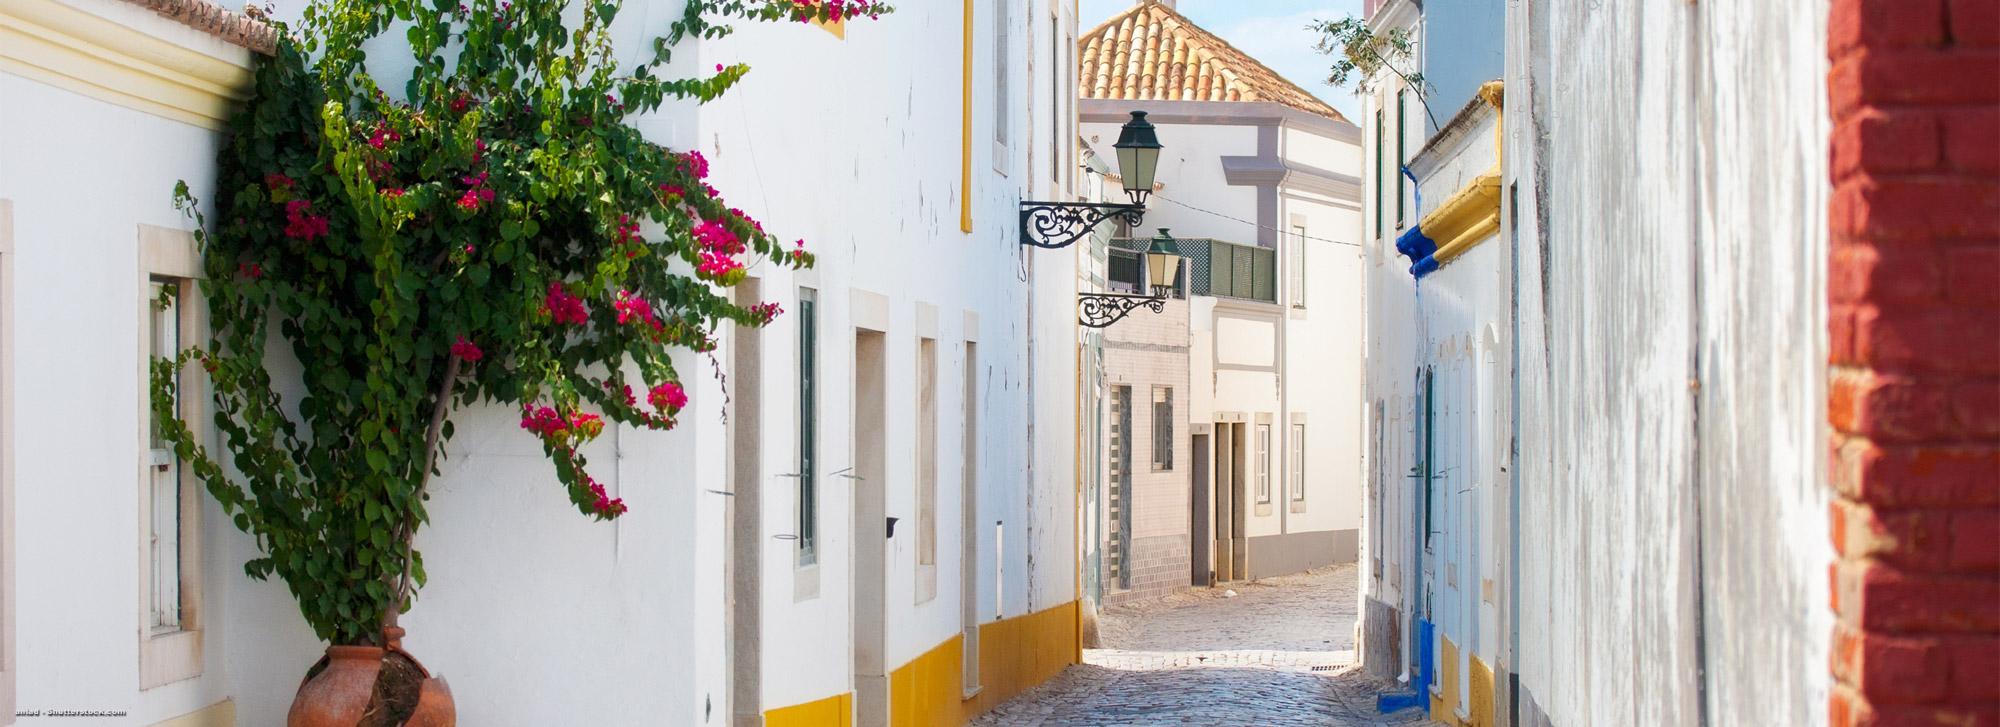 Sprachschulen Faro, Sprachkurse Faro